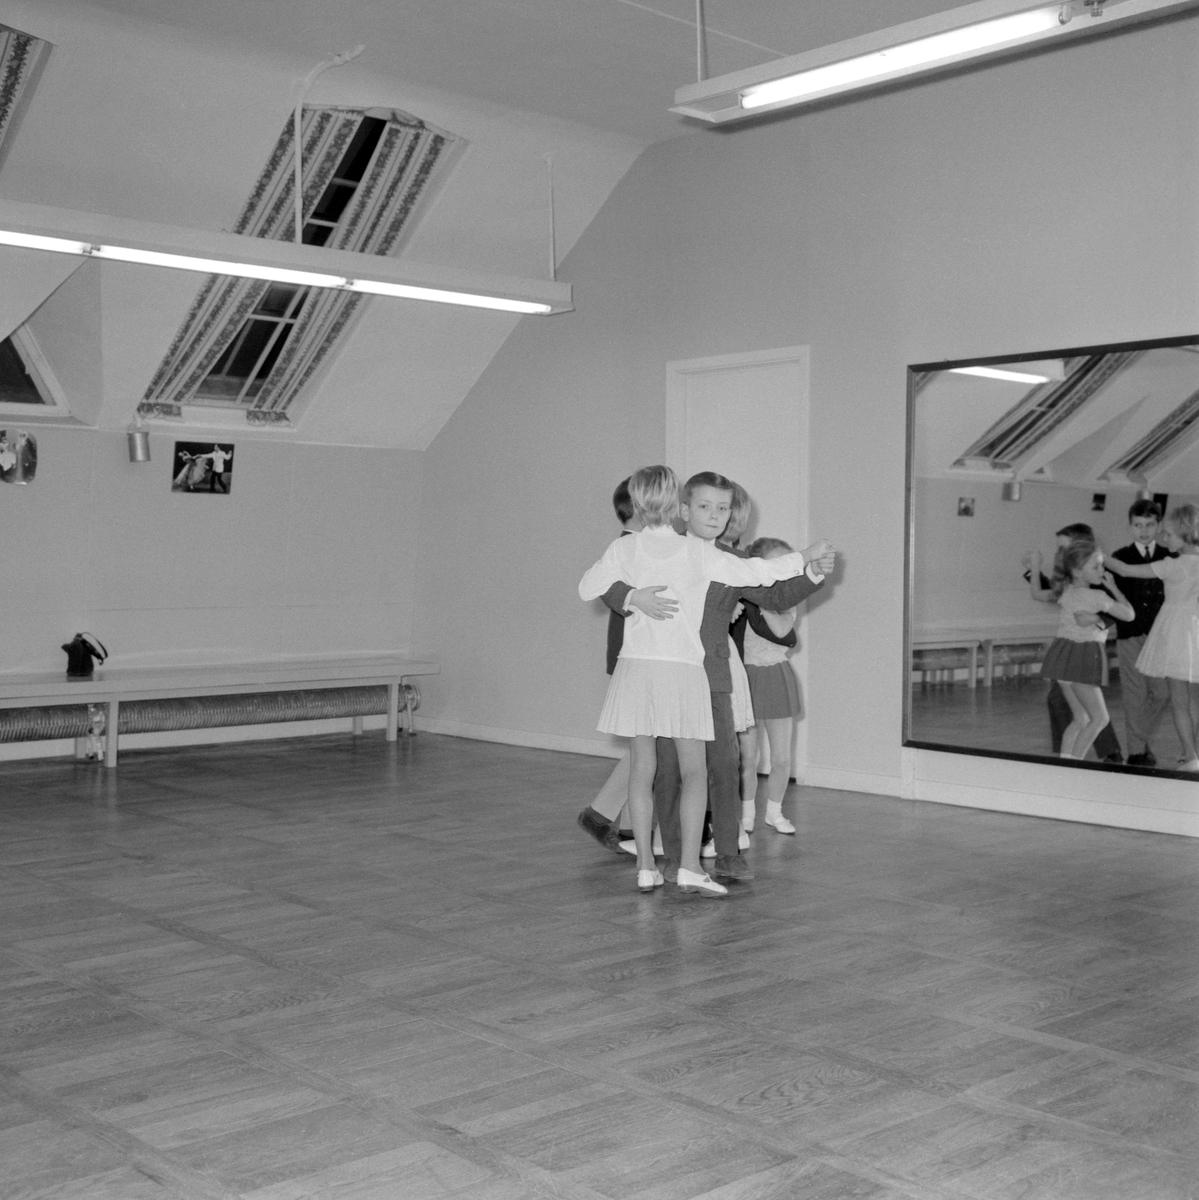 Interiör från Rune Lagers dansinstitut i Norrköping. Från 1952 drev Rune Lager sin populära dansskola i lokaler vid Tunnbindaregatan. Under dans-Em 1970 träffade han sin blivande maka, danskfödda Ea, och tillsammans kom de att driva skolan vidare till år 2002.